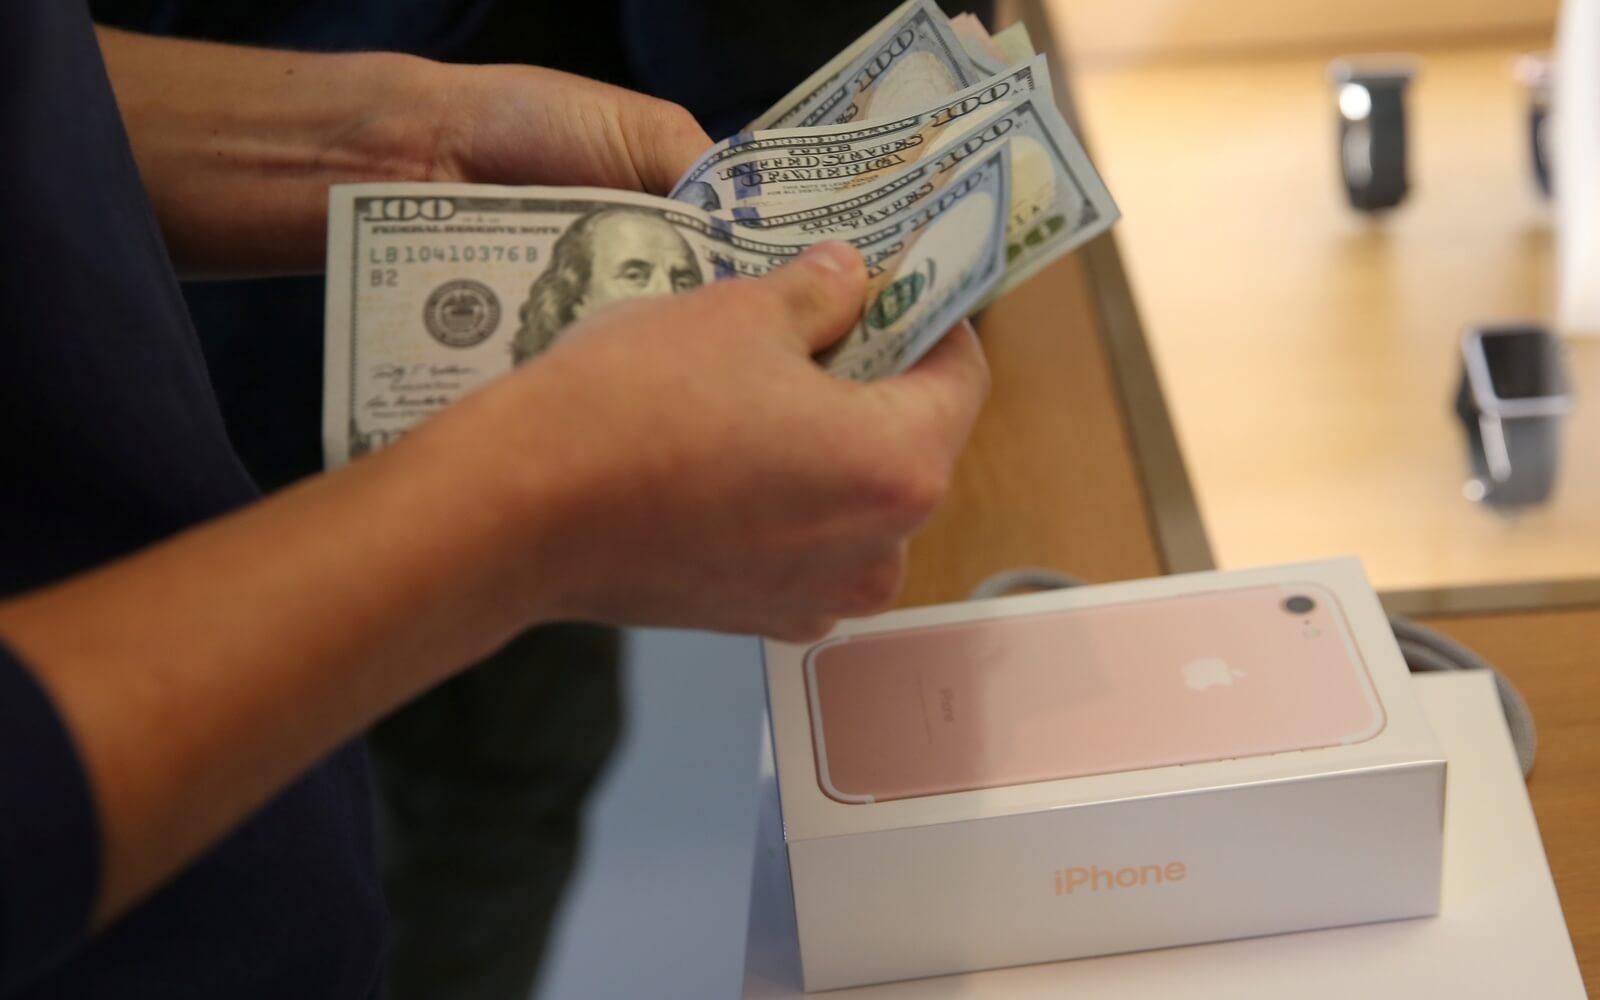 Самый популярный подарок на Новый год — по-прежнему iPhone